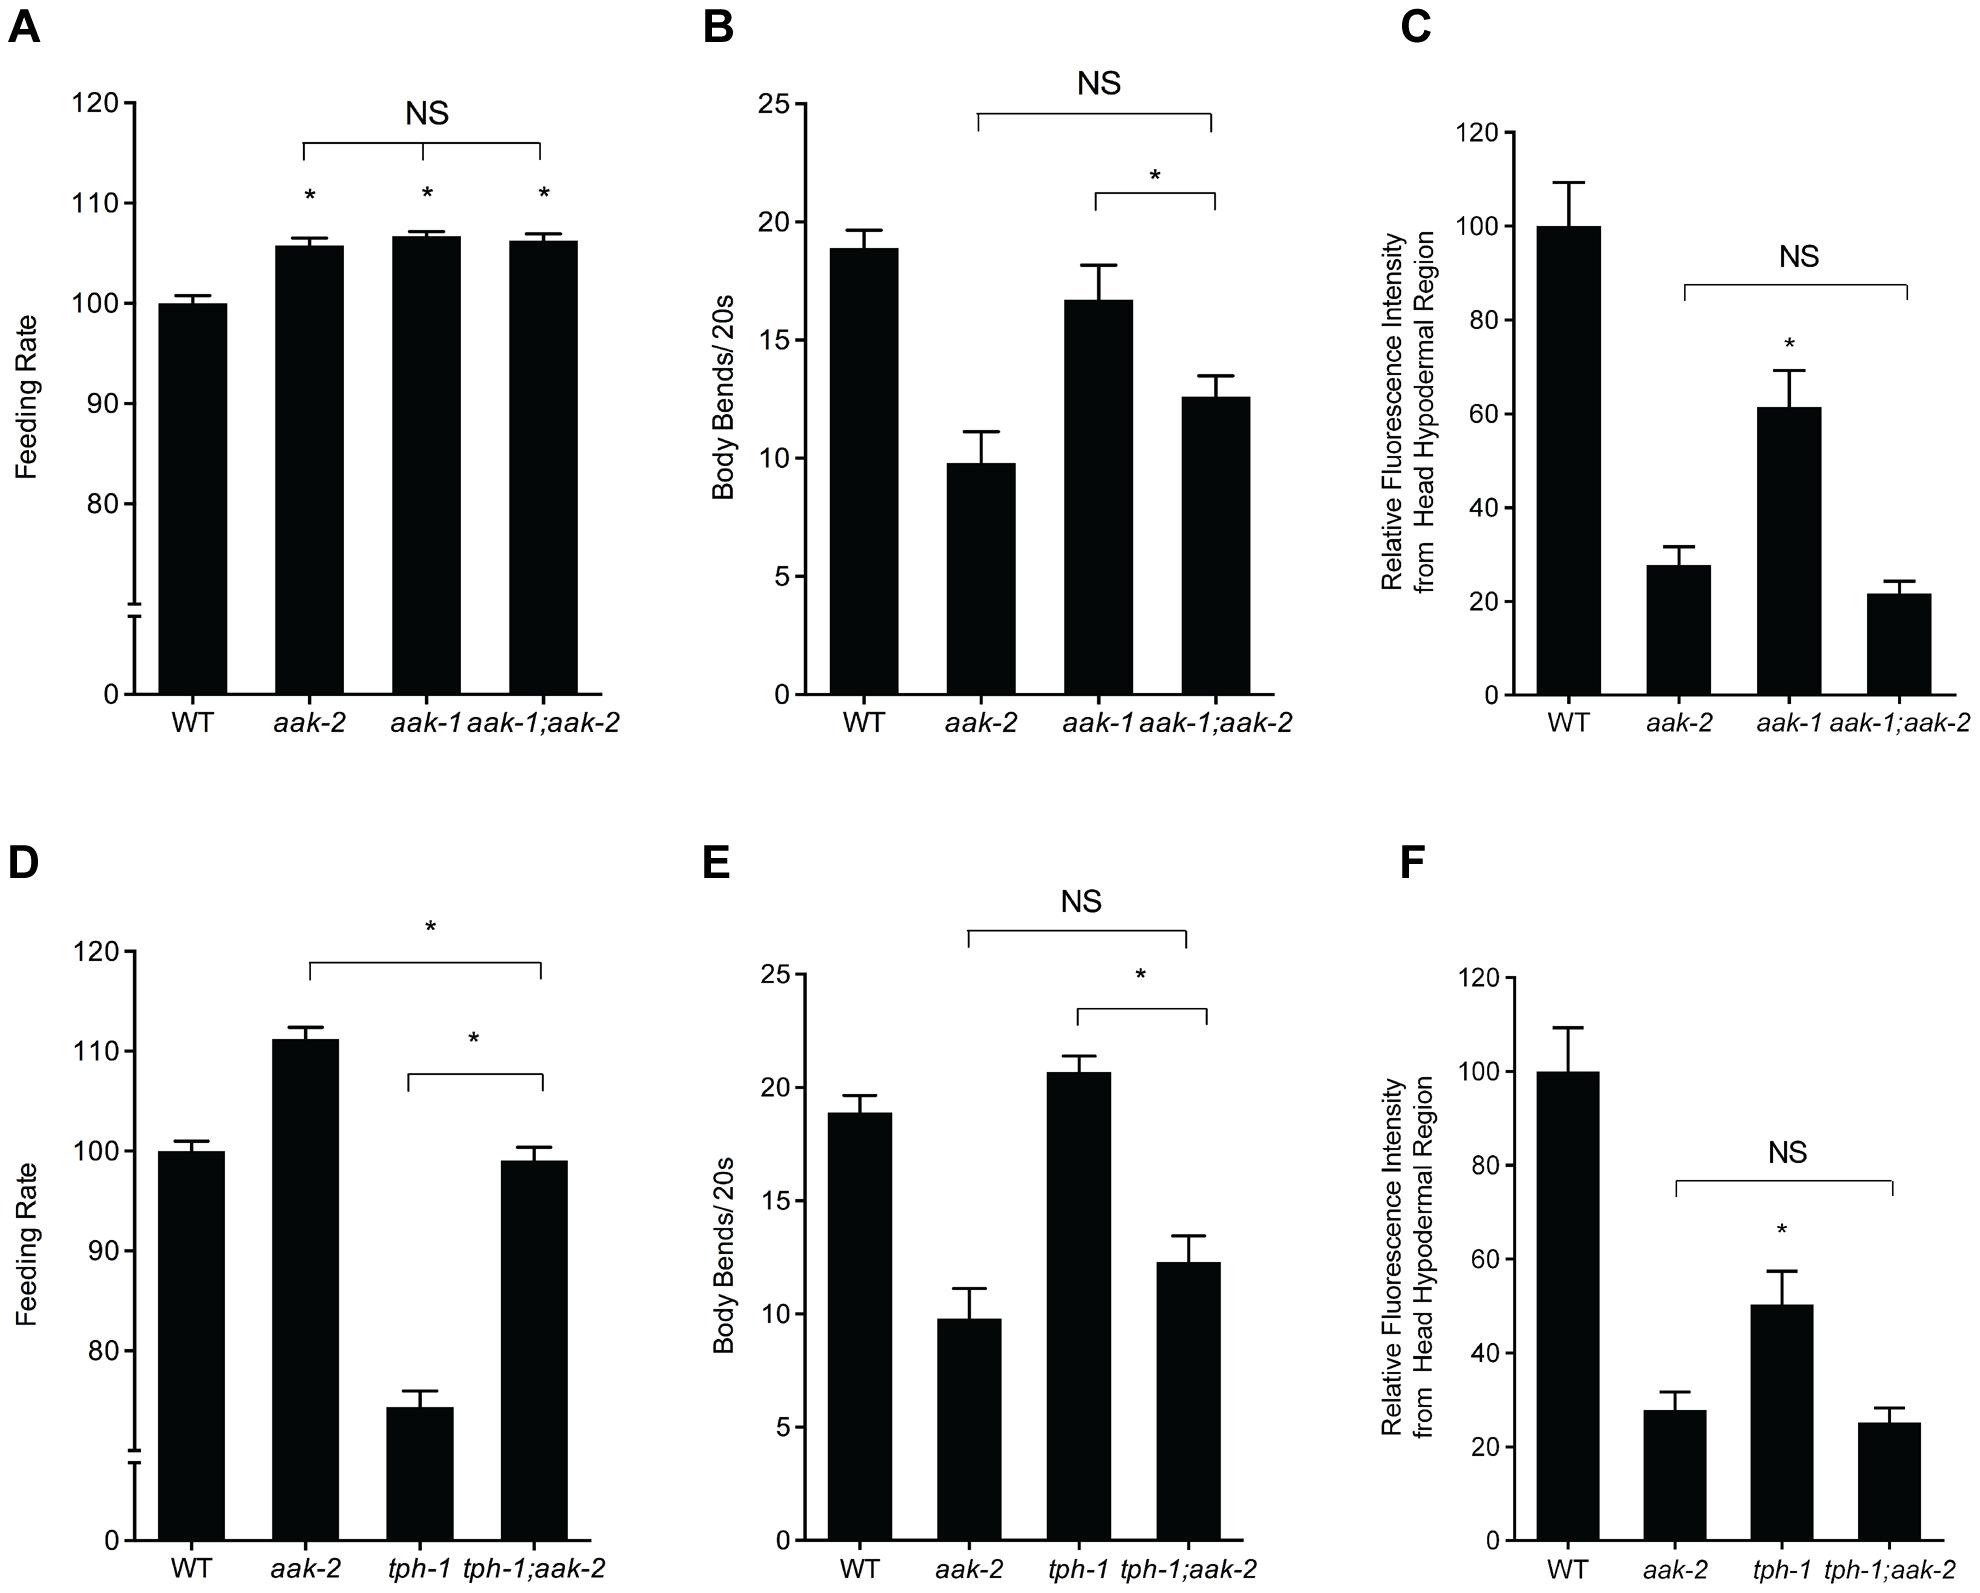 Effects of losses of <i>aak-1</i> and <i>tph-1</i> on <i>aak-2</i> mutant phenotypes.